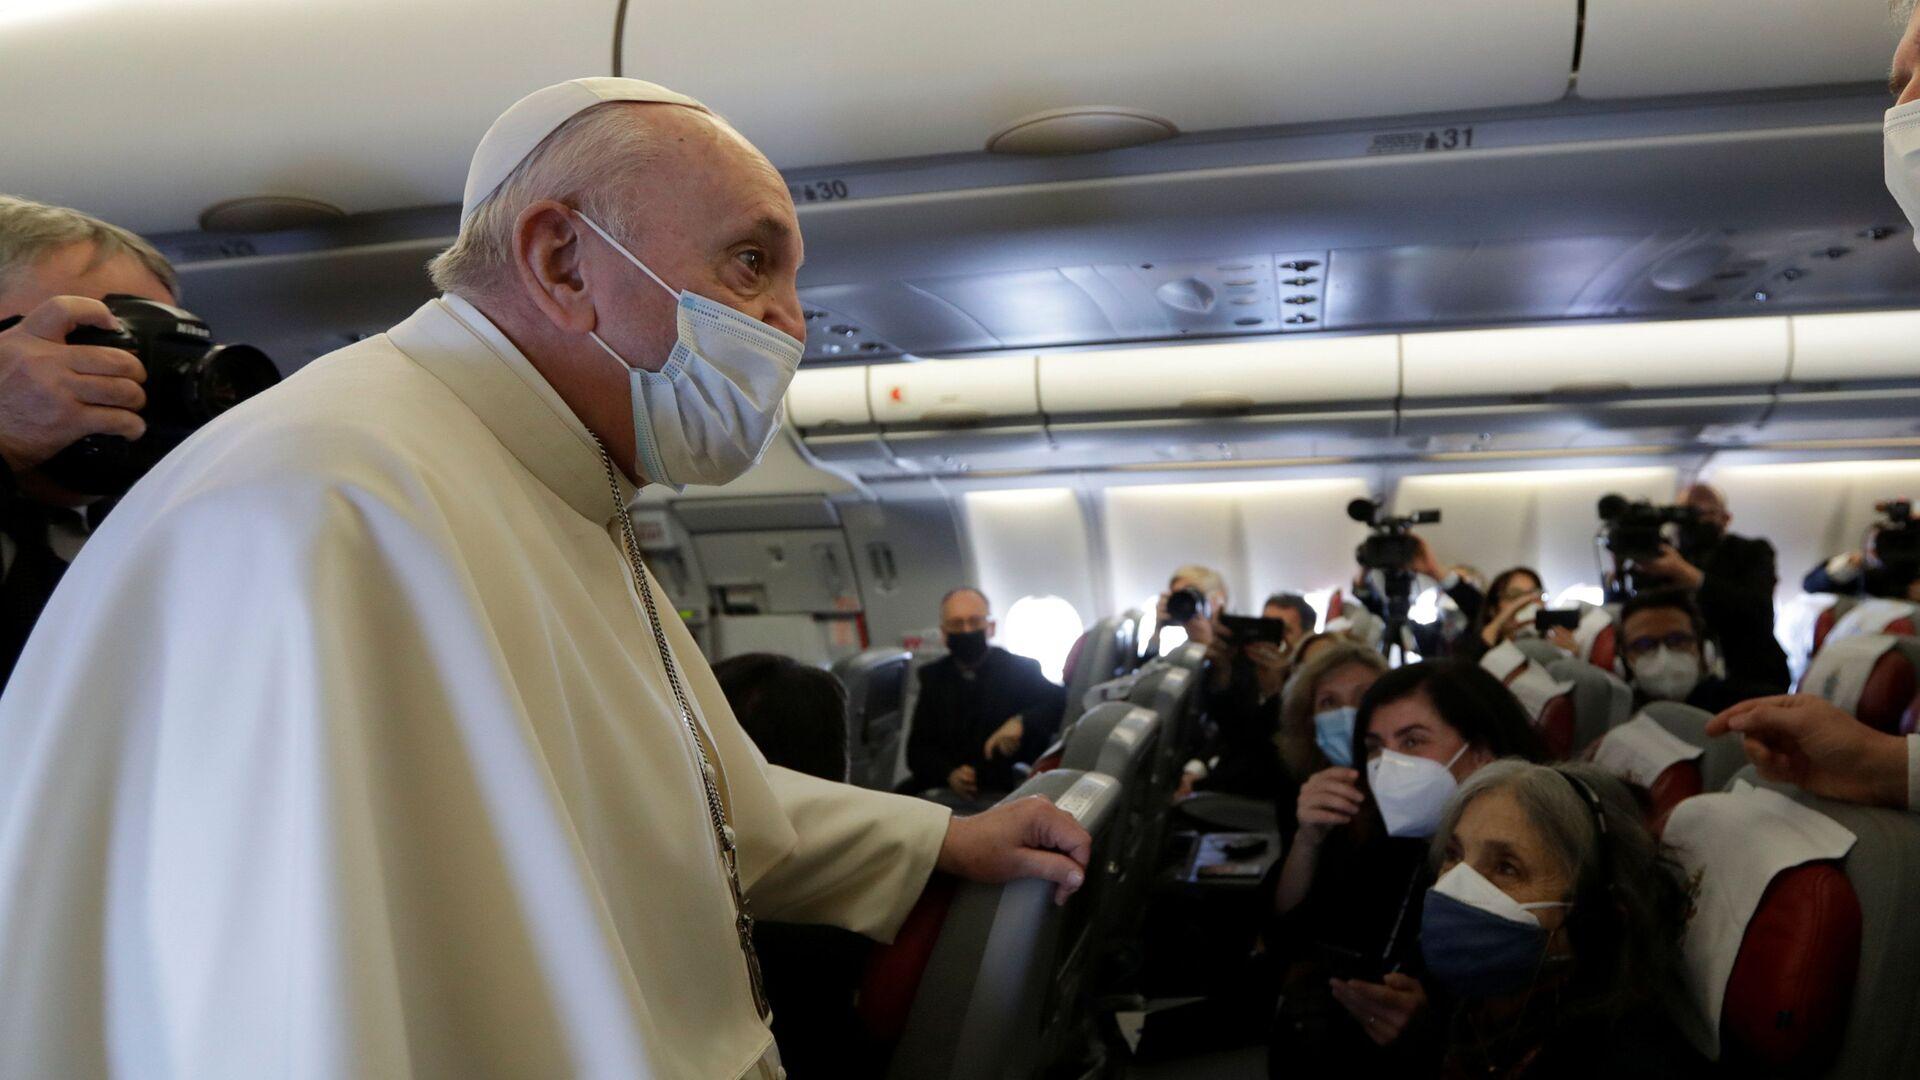 Il Papa Francesco arriva a Baghdad nella prima visita internazionale durante la crisi pandemica - Sputnik Italia, 1920, 06.06.2021